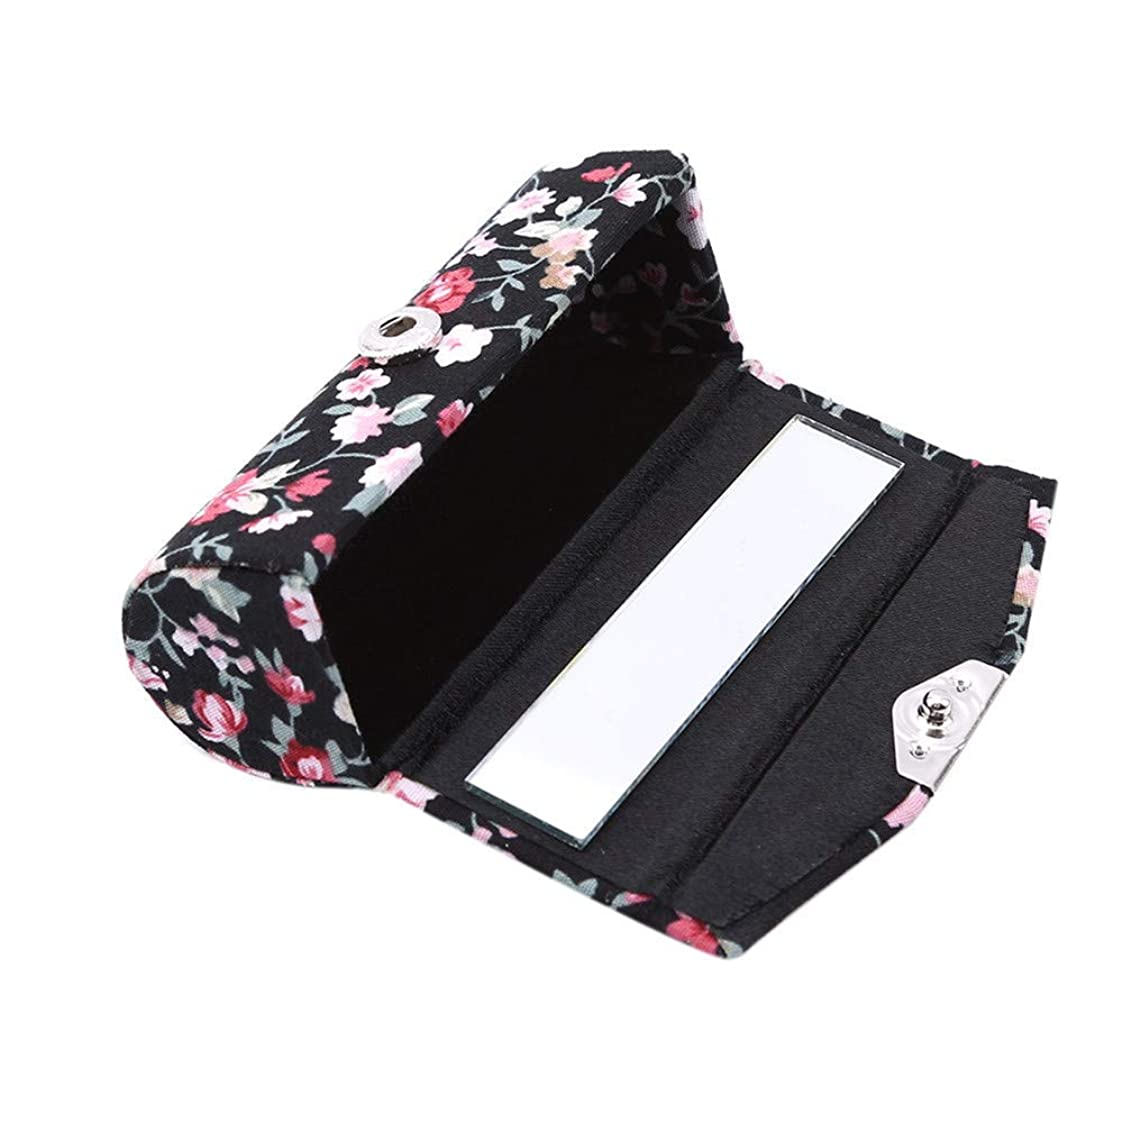 雪の行進フロー1st market 口紅ケースレトロ刺繍入り花柄付きミラーリップグロスボックスジュエリー収納ボックス、ブラック高品質